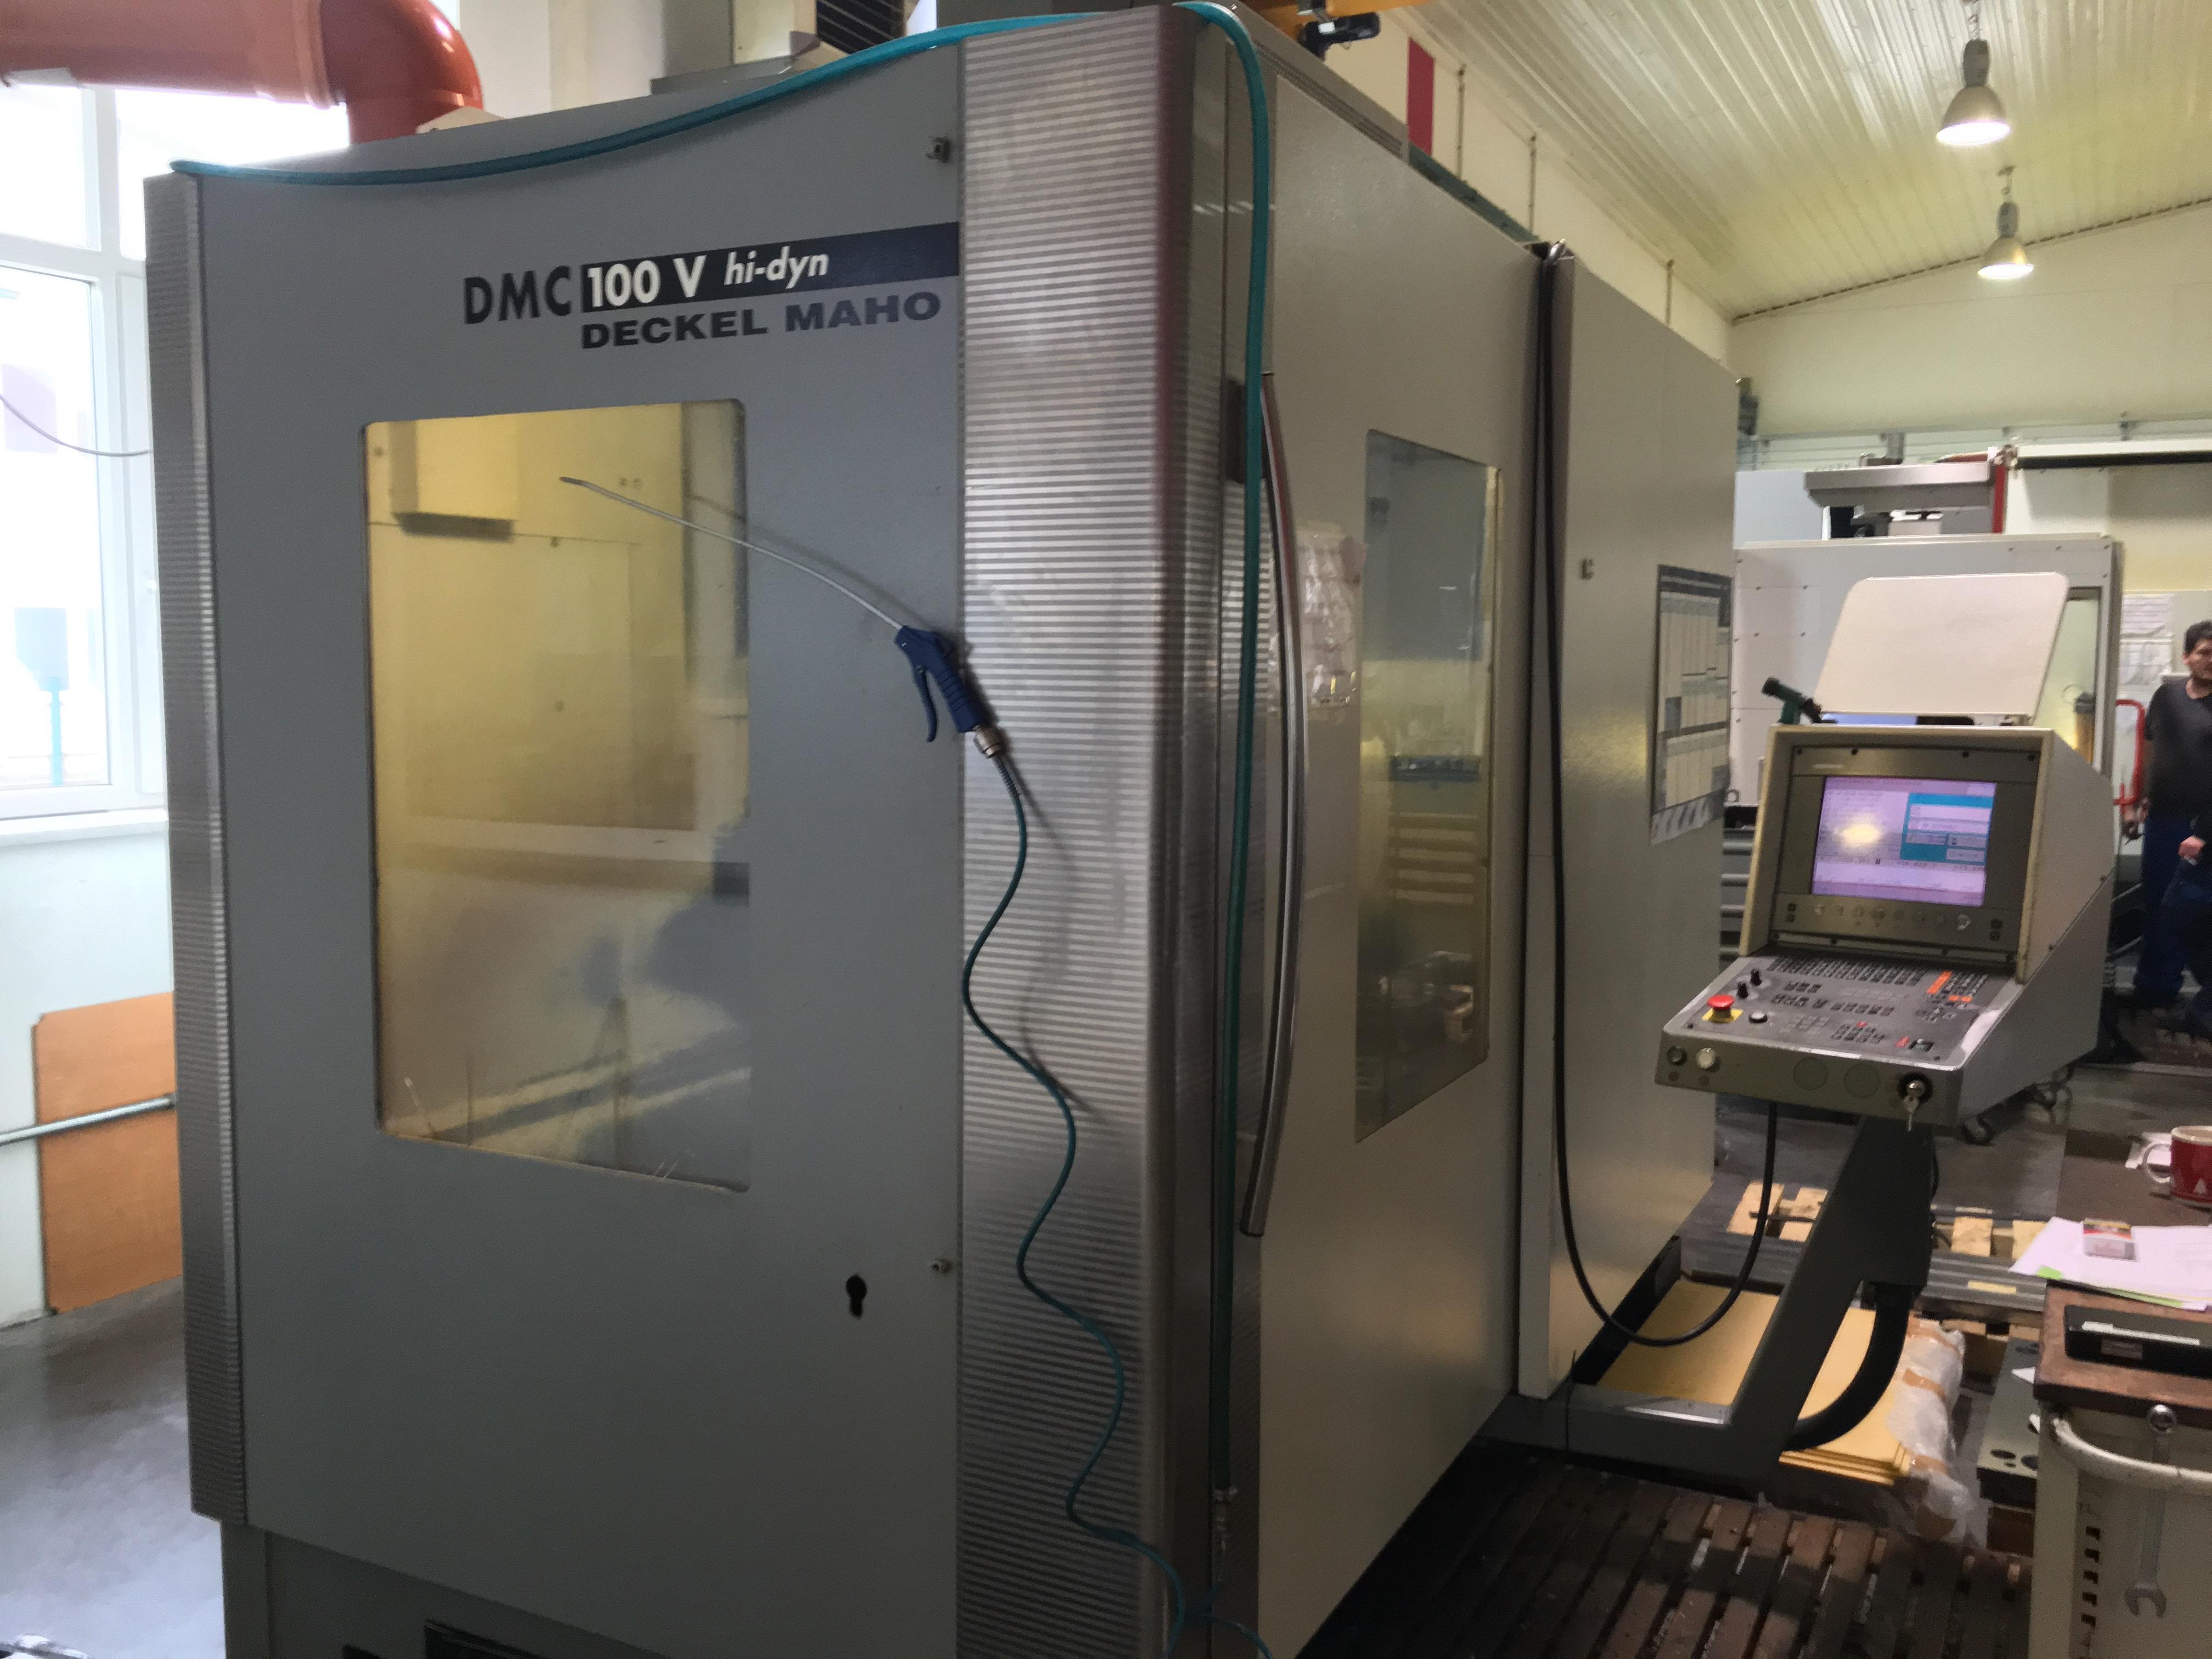 DMC 100V hi-dyn